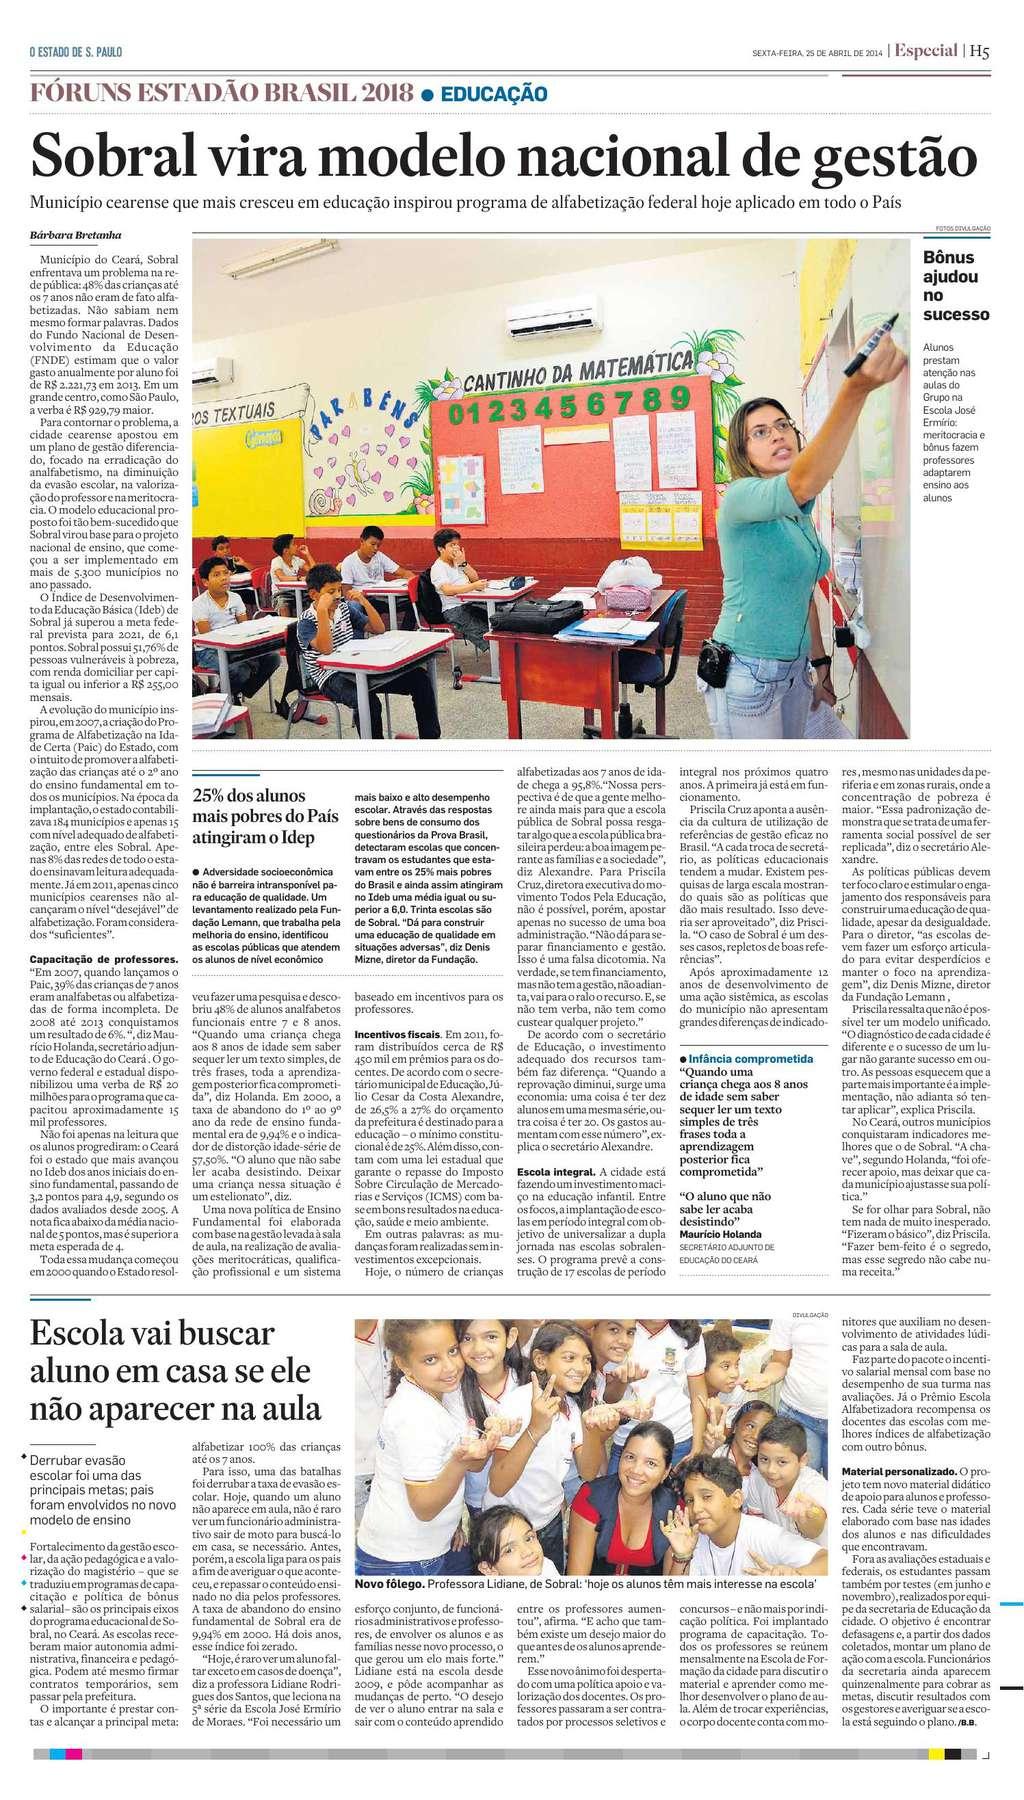 O Estado de S. Paulo - 25.04.14